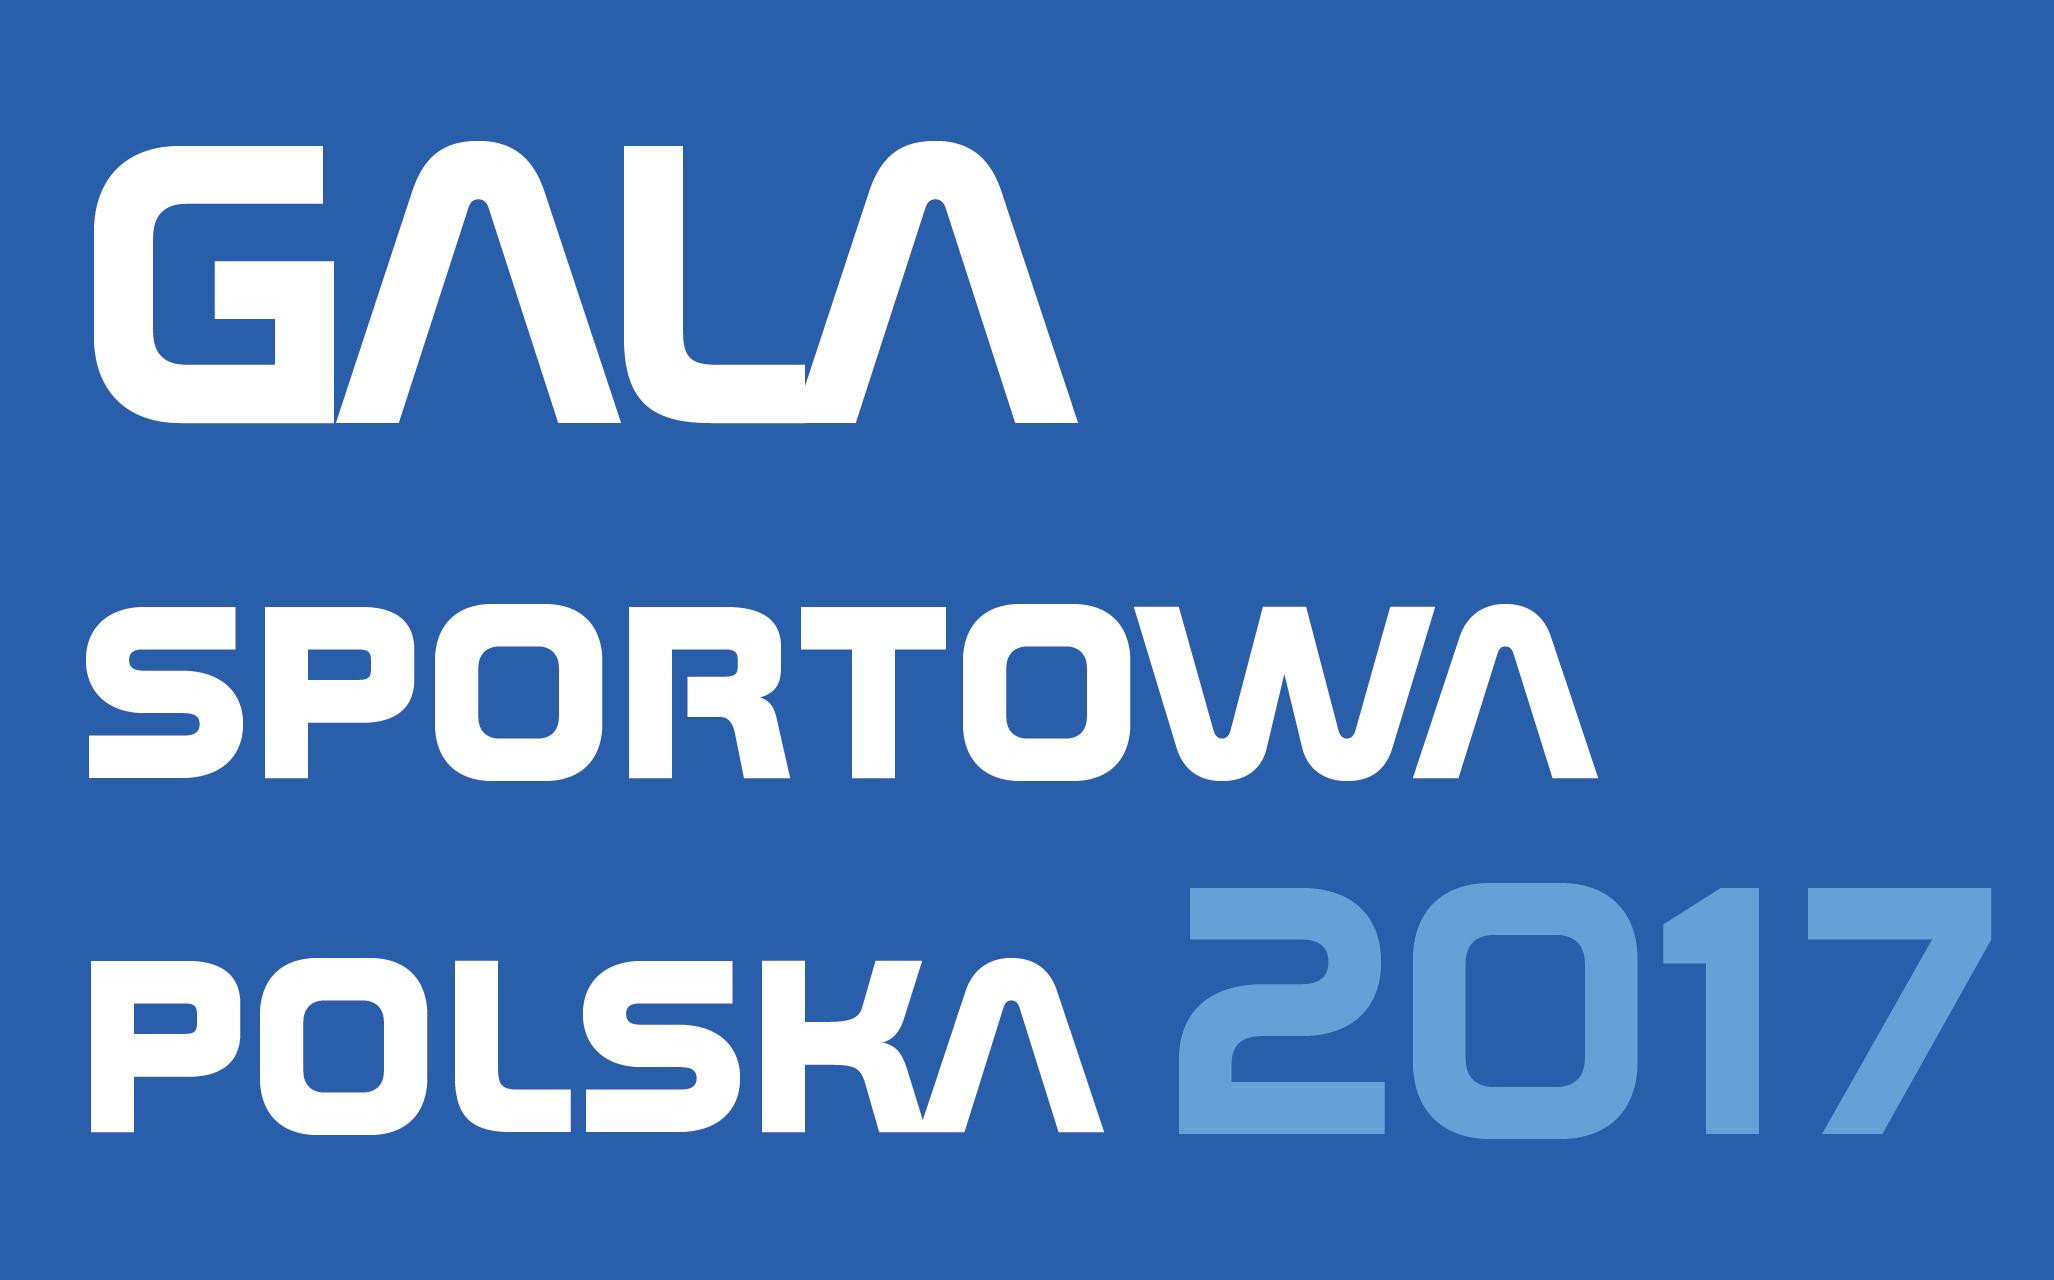 GALA SPORTOWA POLSKA 2017